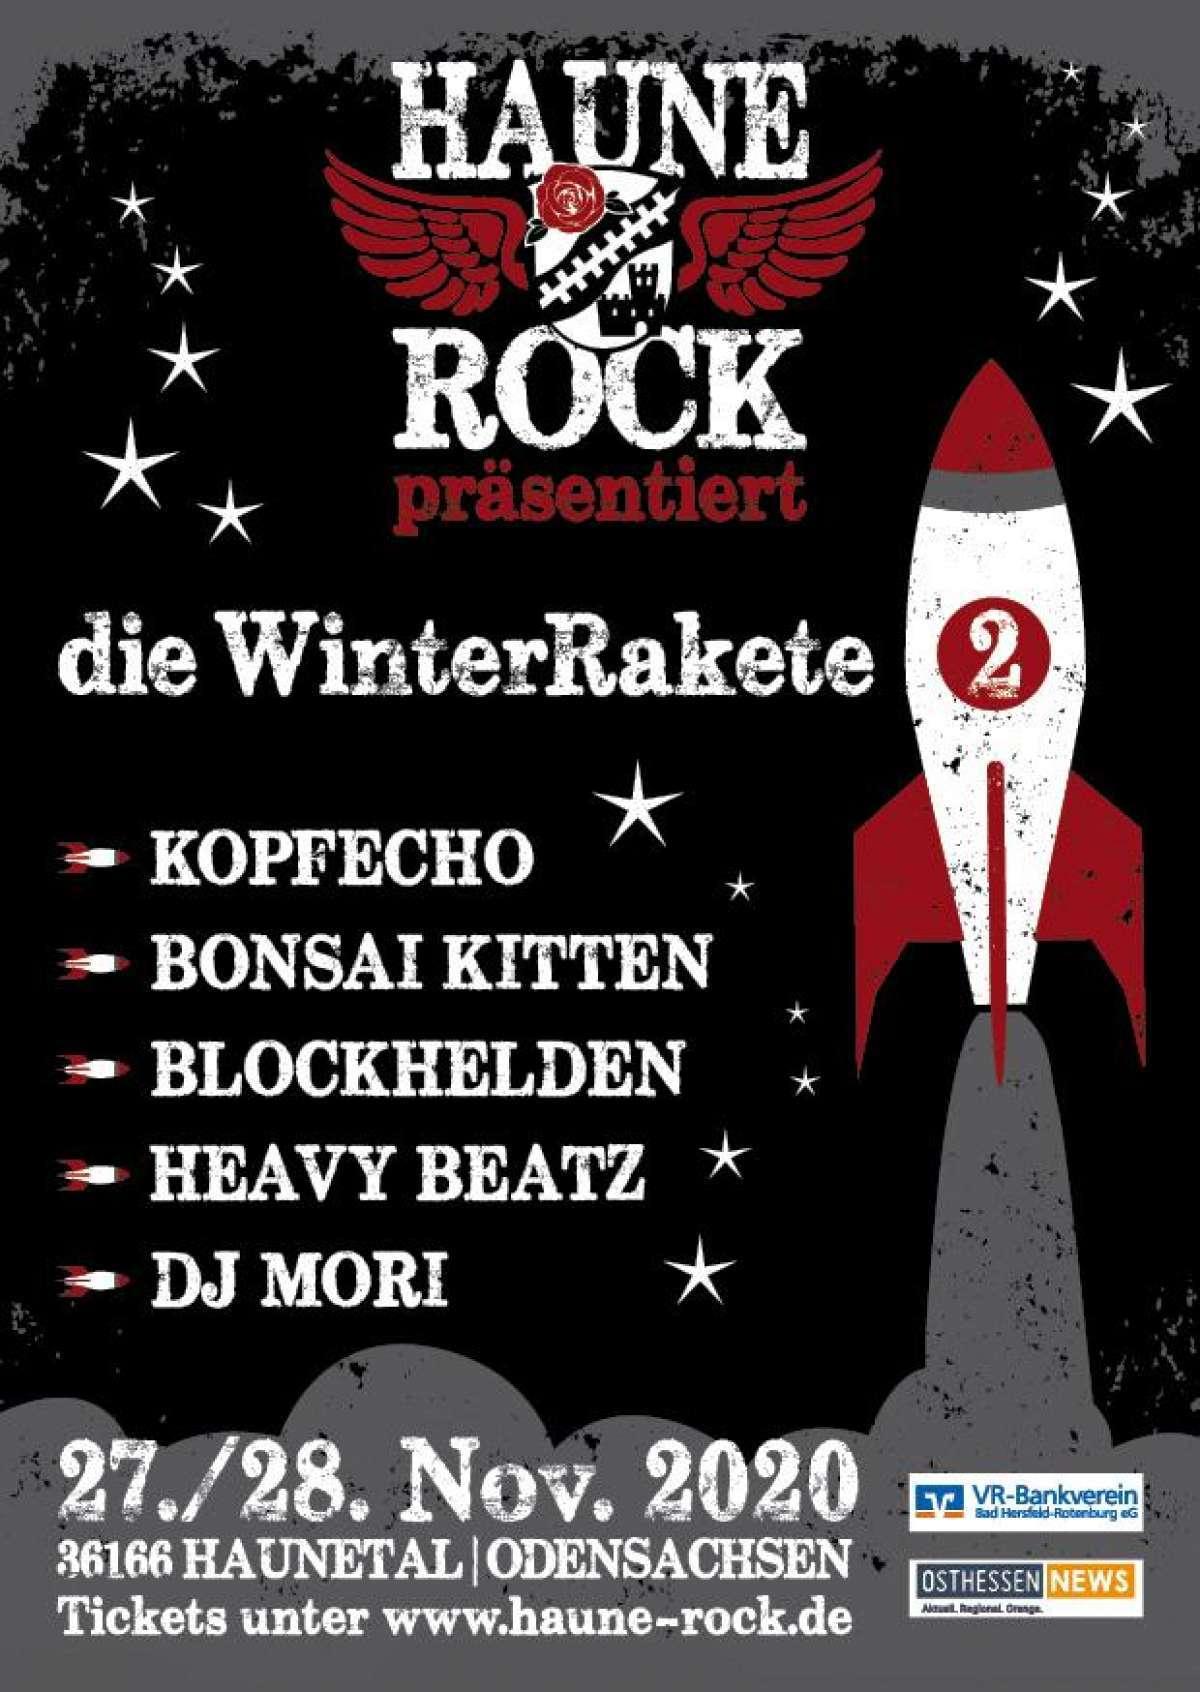 Die WinterRakete Vol.II - Heavy Beatz, DJ Mori - Festplatz Odensachsen - Haunetal-Odensachsen